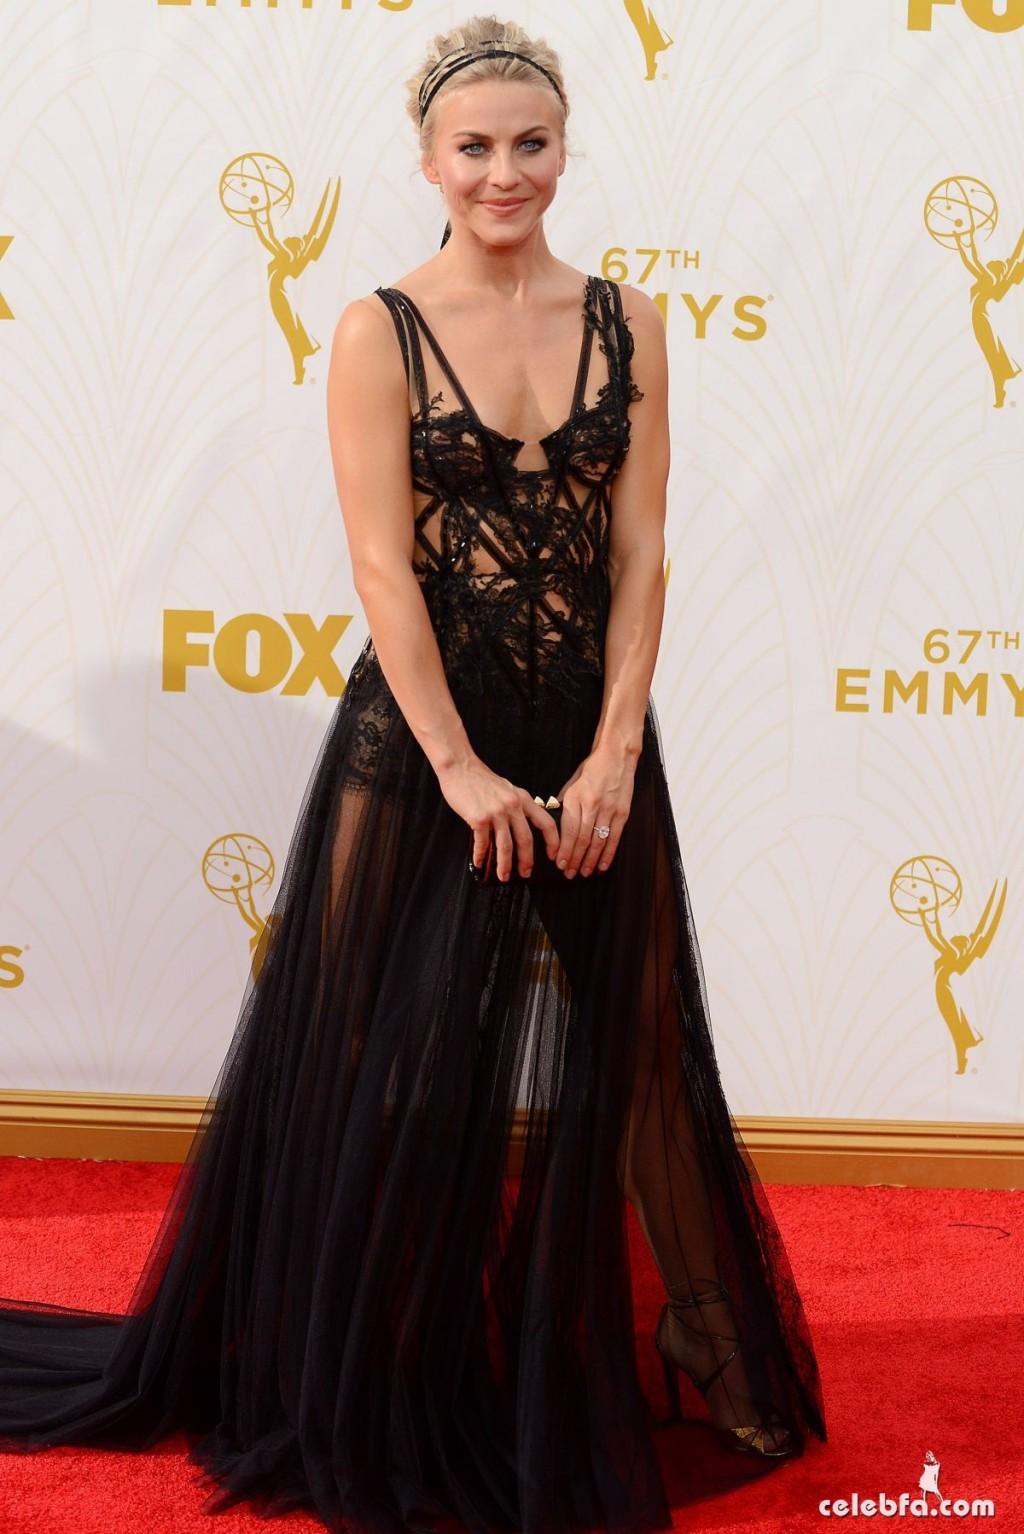 julianne-hough-at-2015-emmy-awards (3)